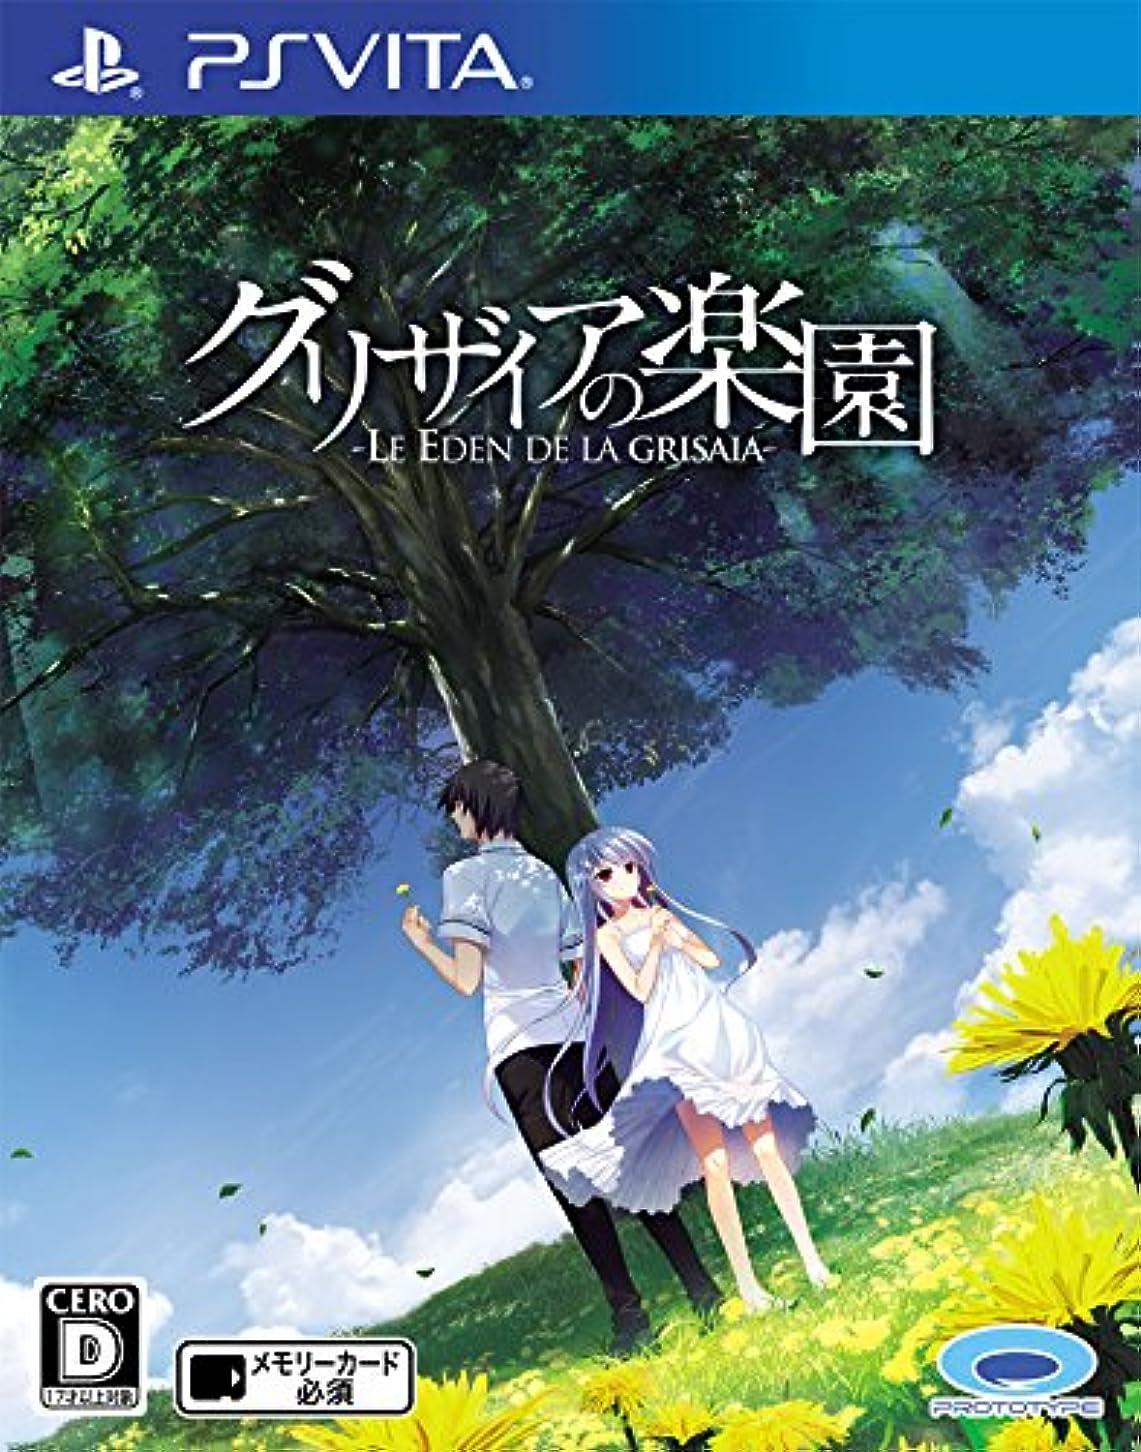 ピカリング明らかにとまり木グリザイアの楽園 -LE EDEN DE LA GRISAIA- - PS Vita